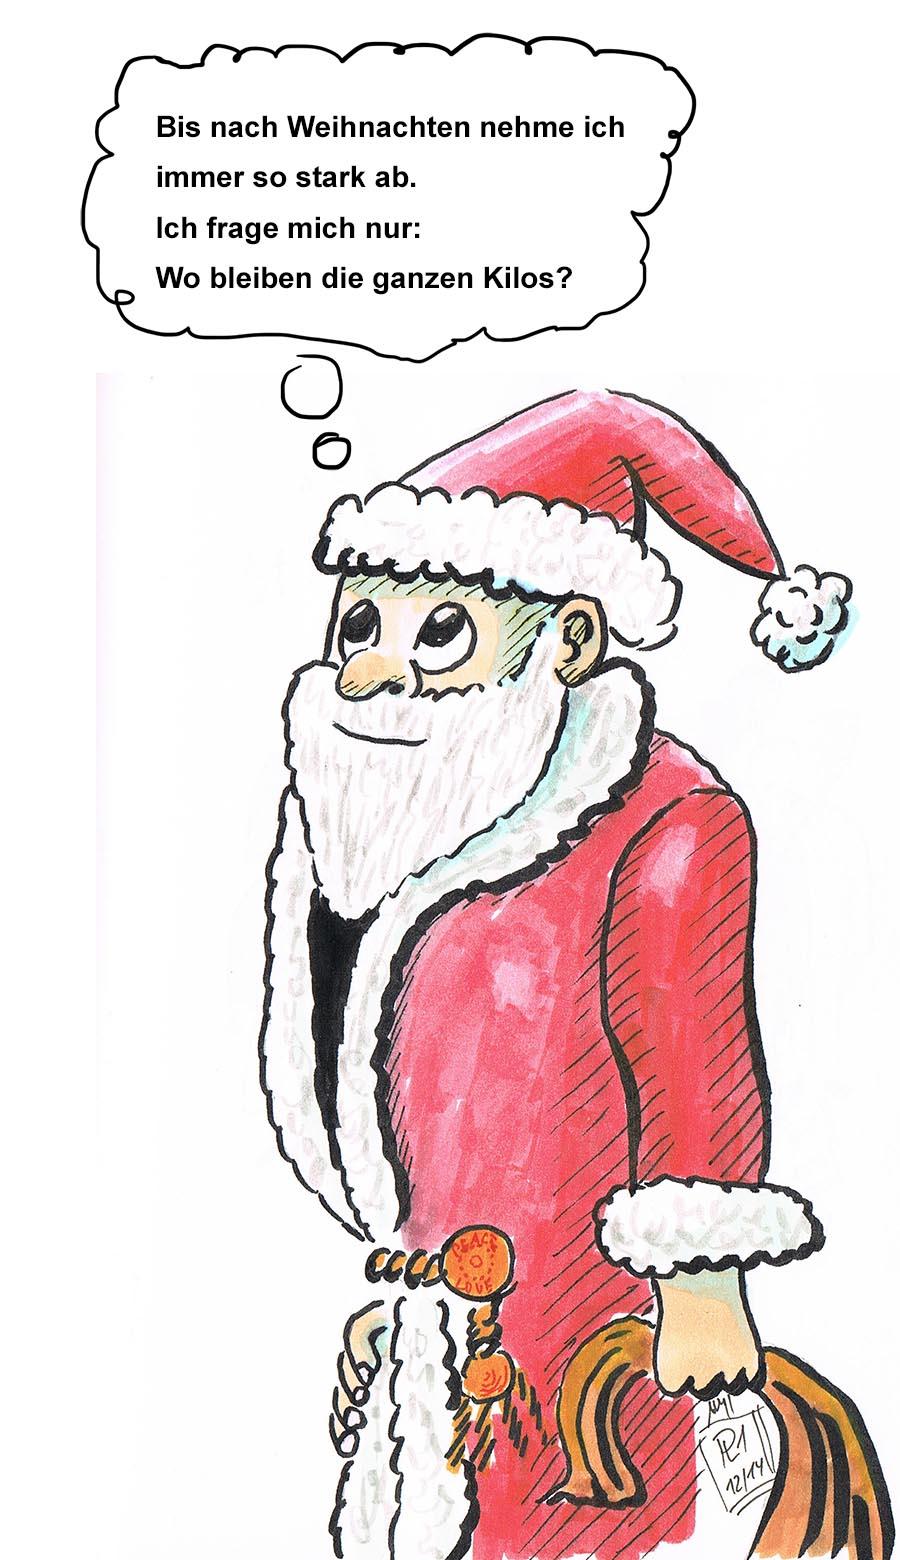 Weihnachtsmann-Gewicht-900px